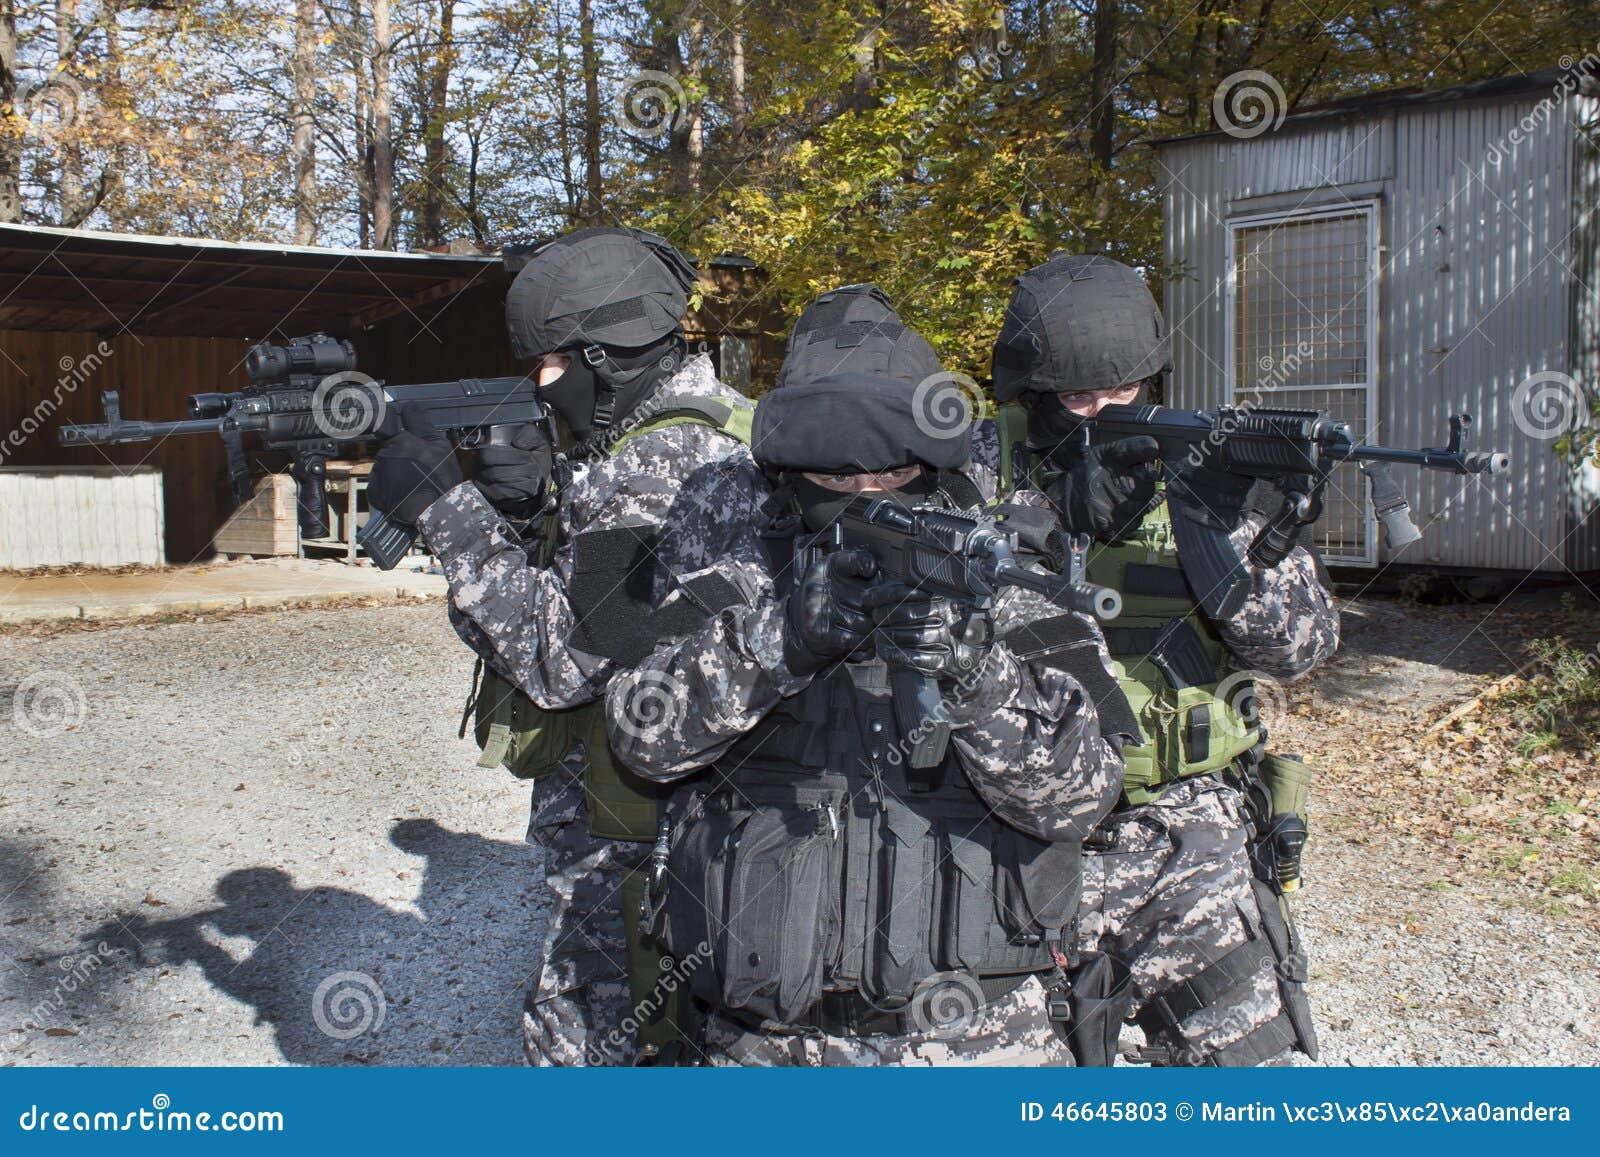 特别反暴力恐怖份子的小队